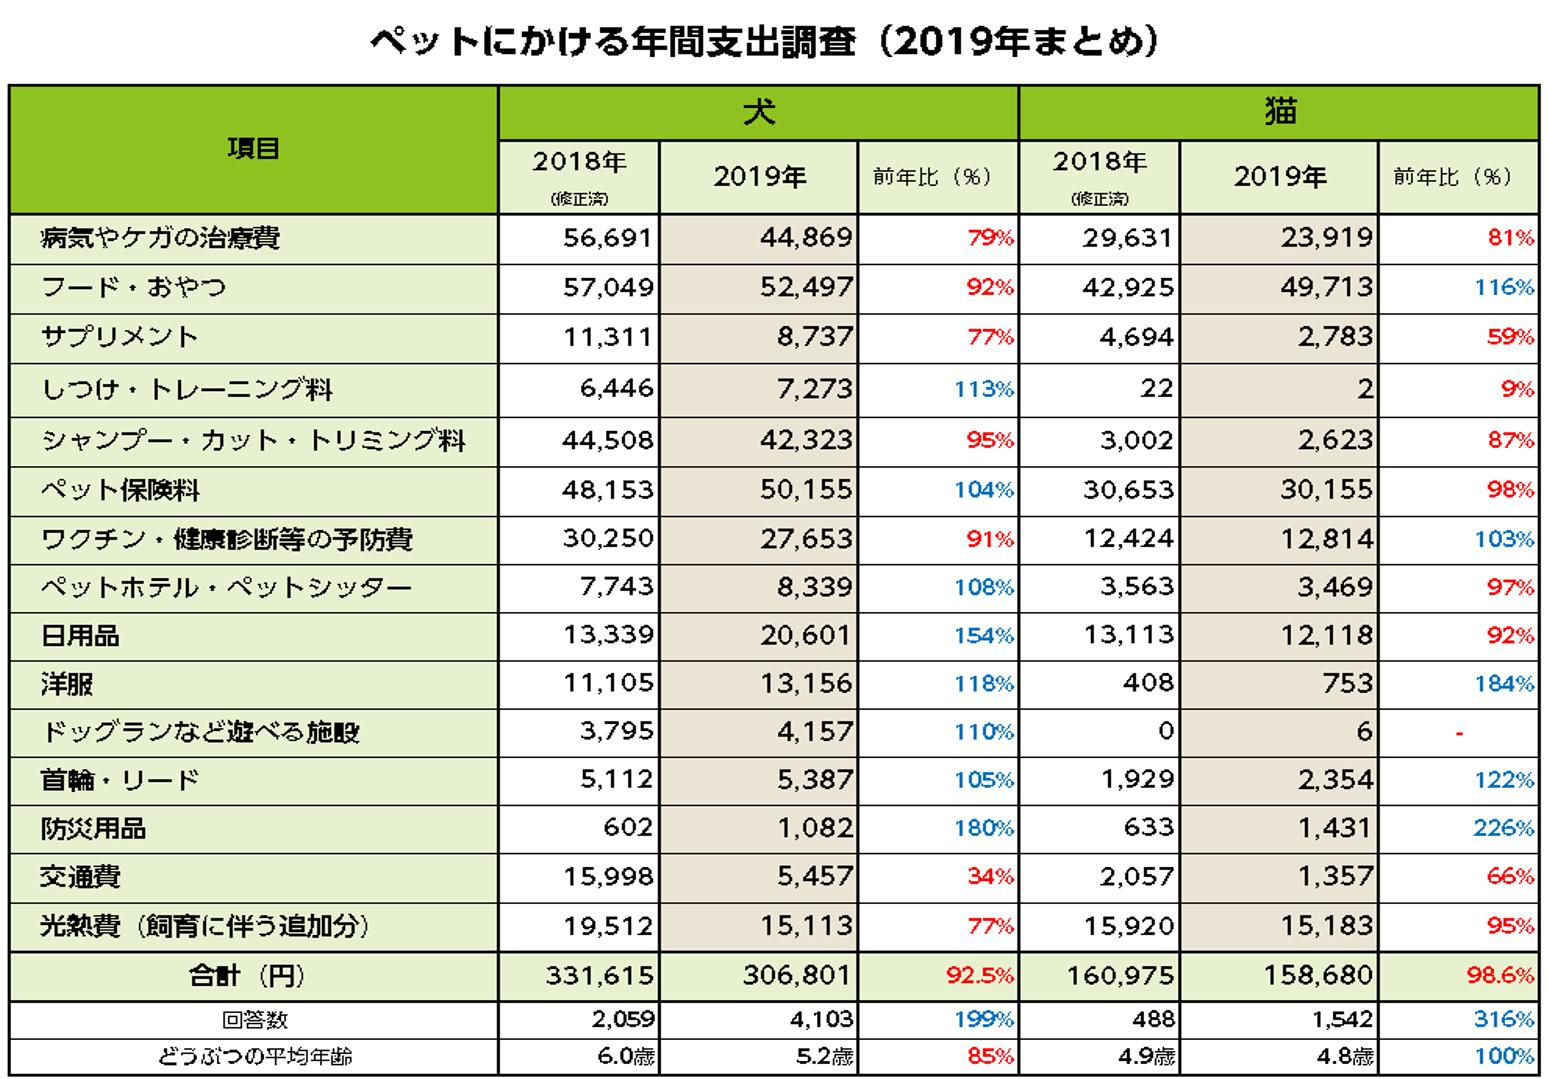 ペットにかける年間支出調査 2019